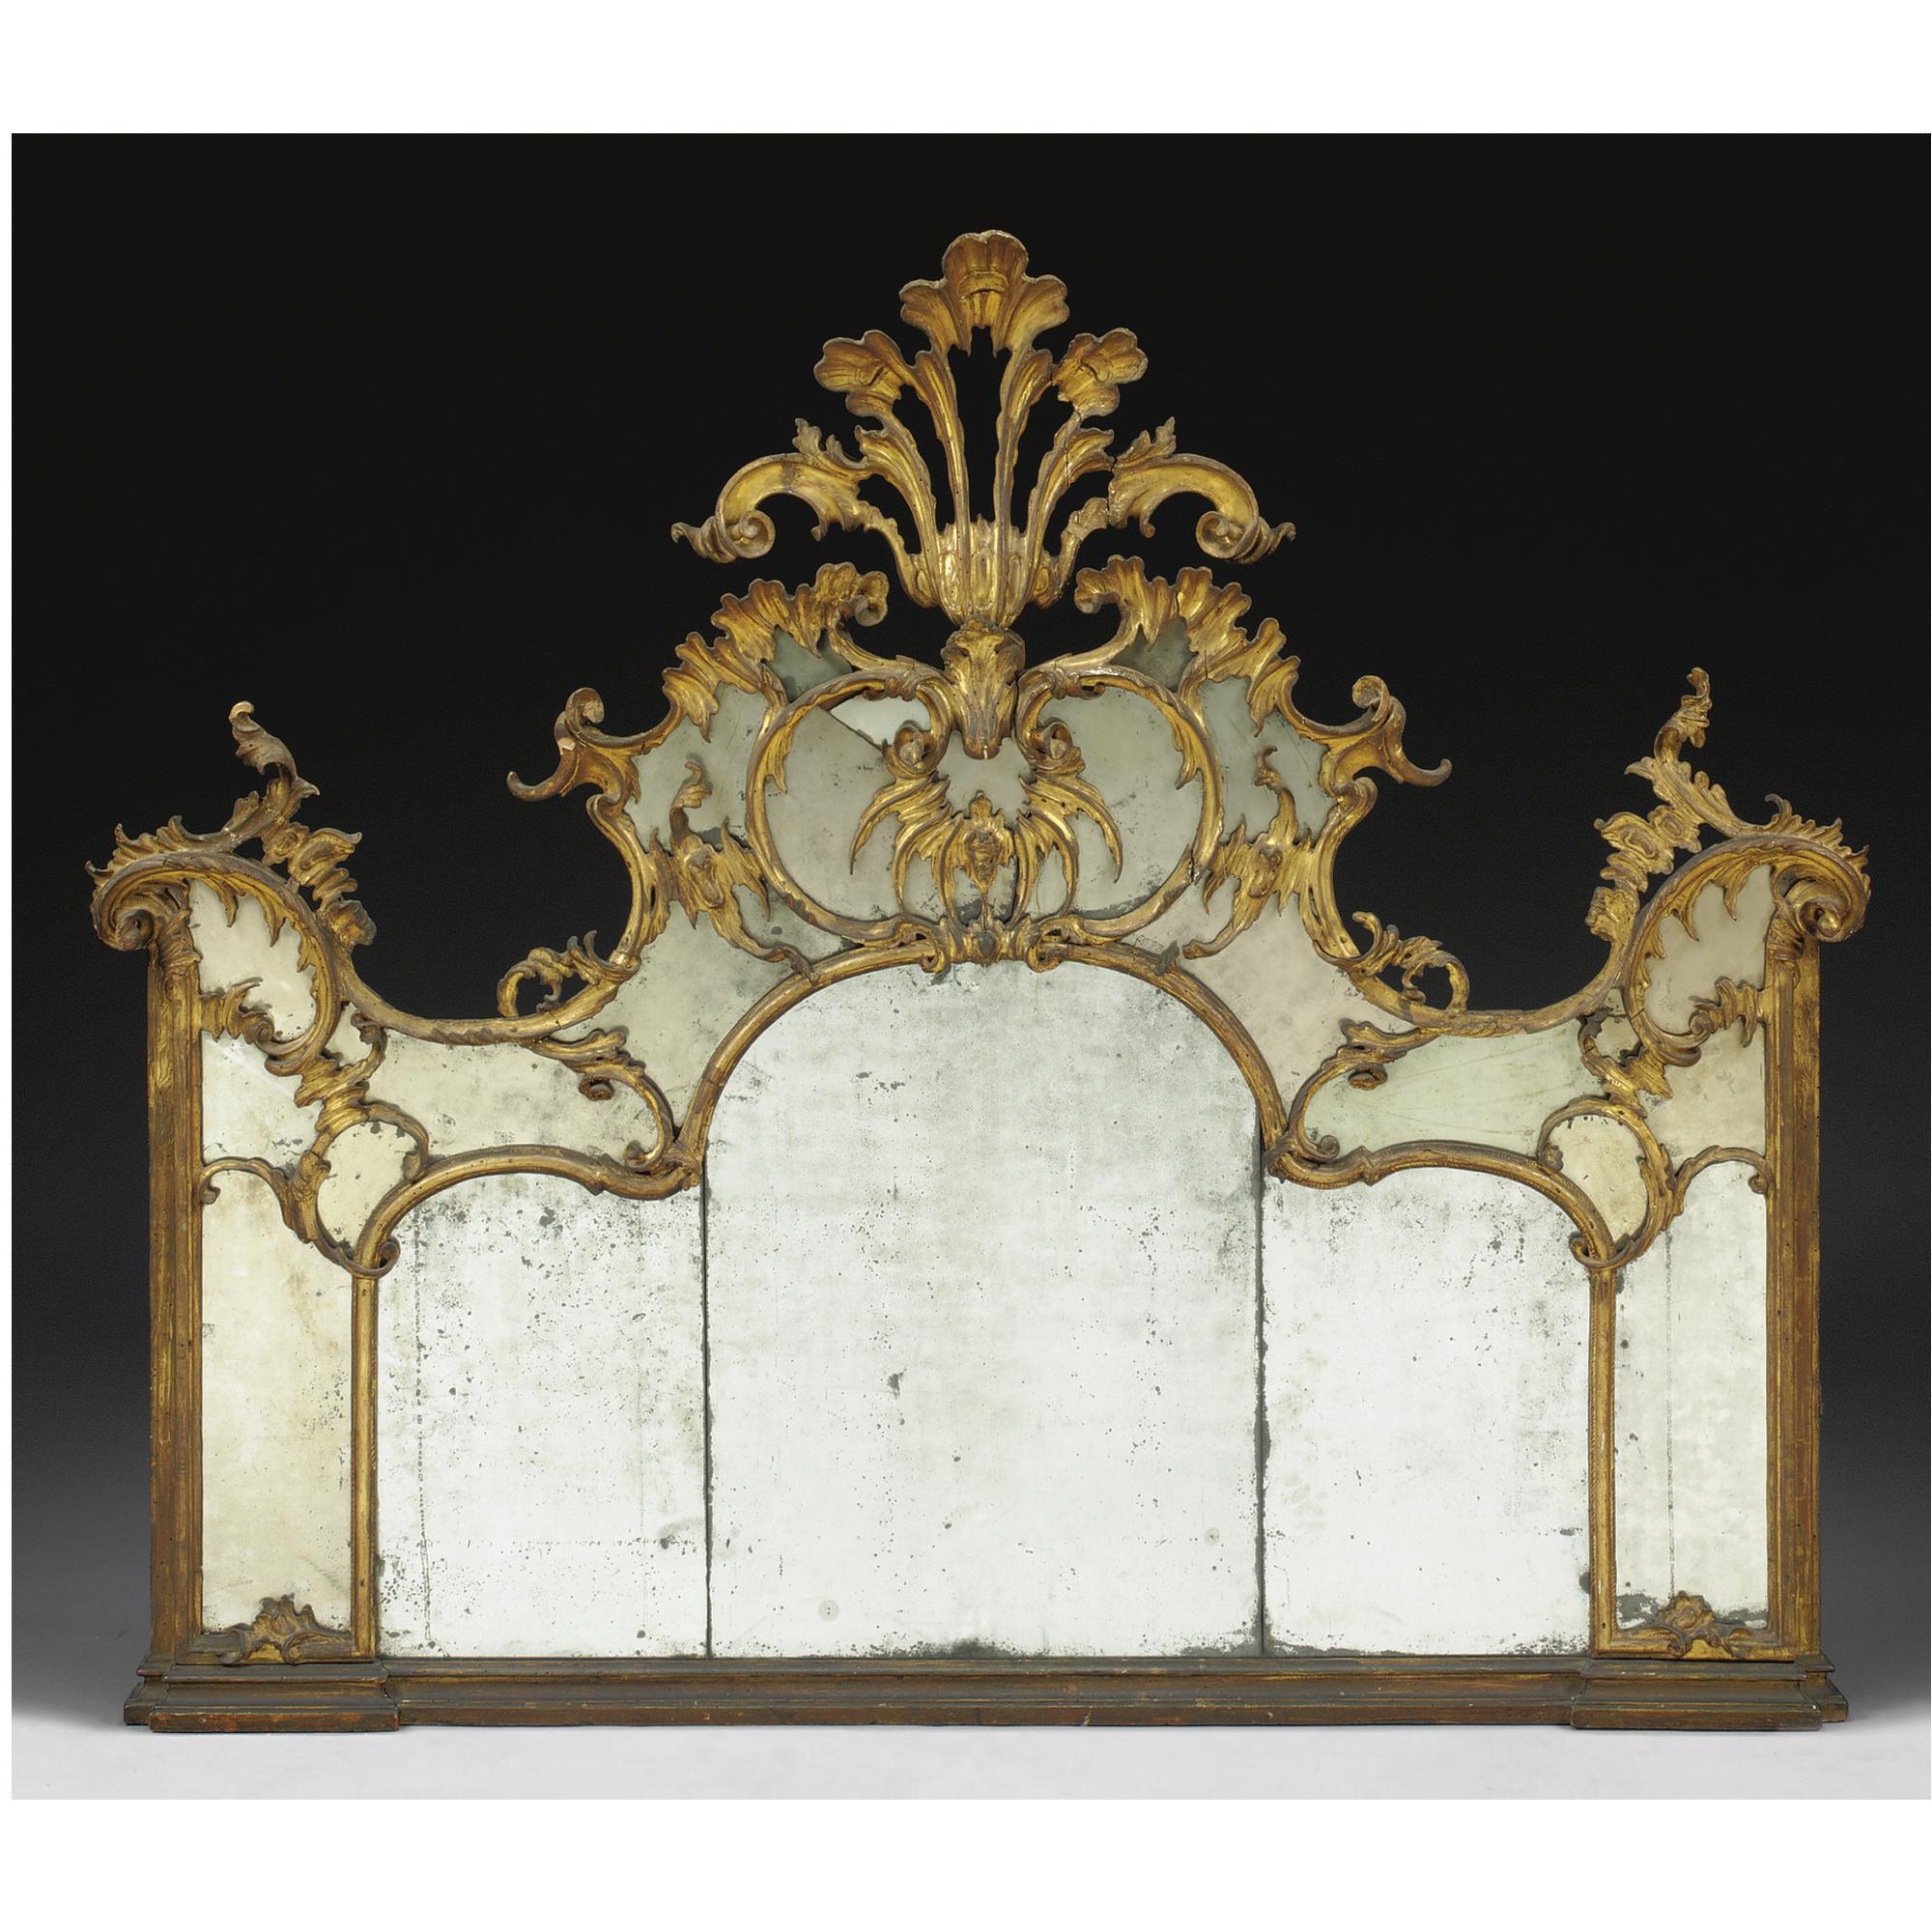 Wohnzimmer spiegelmöbel a lombard carved giltwood mirror third quarter th century